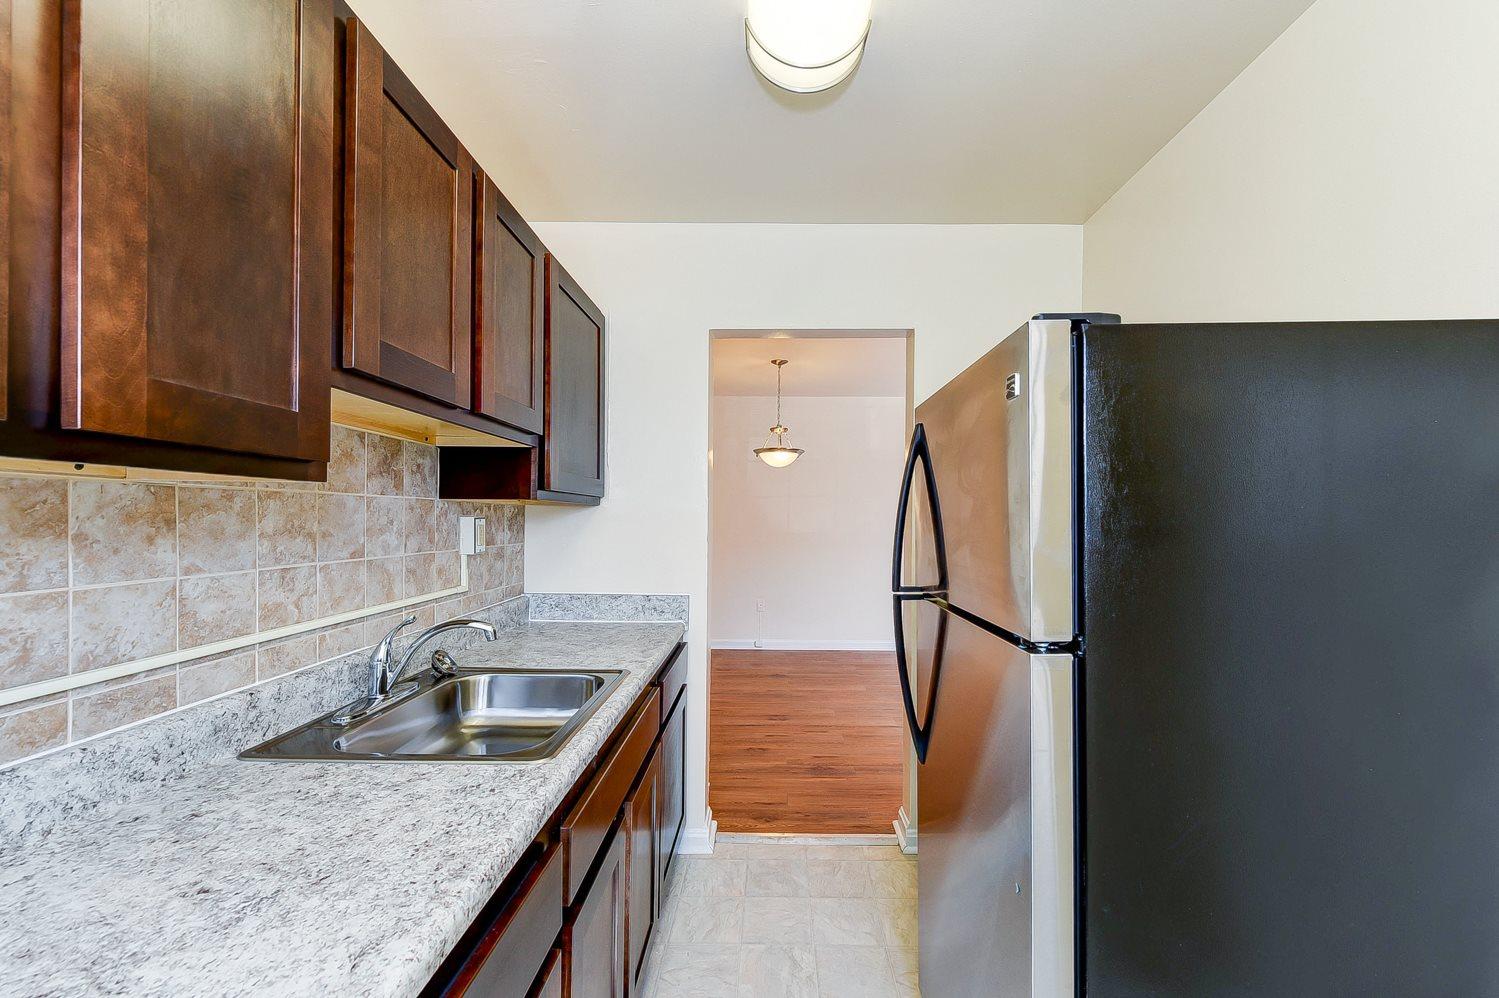 New-Horizon-Apartments-Kitchen